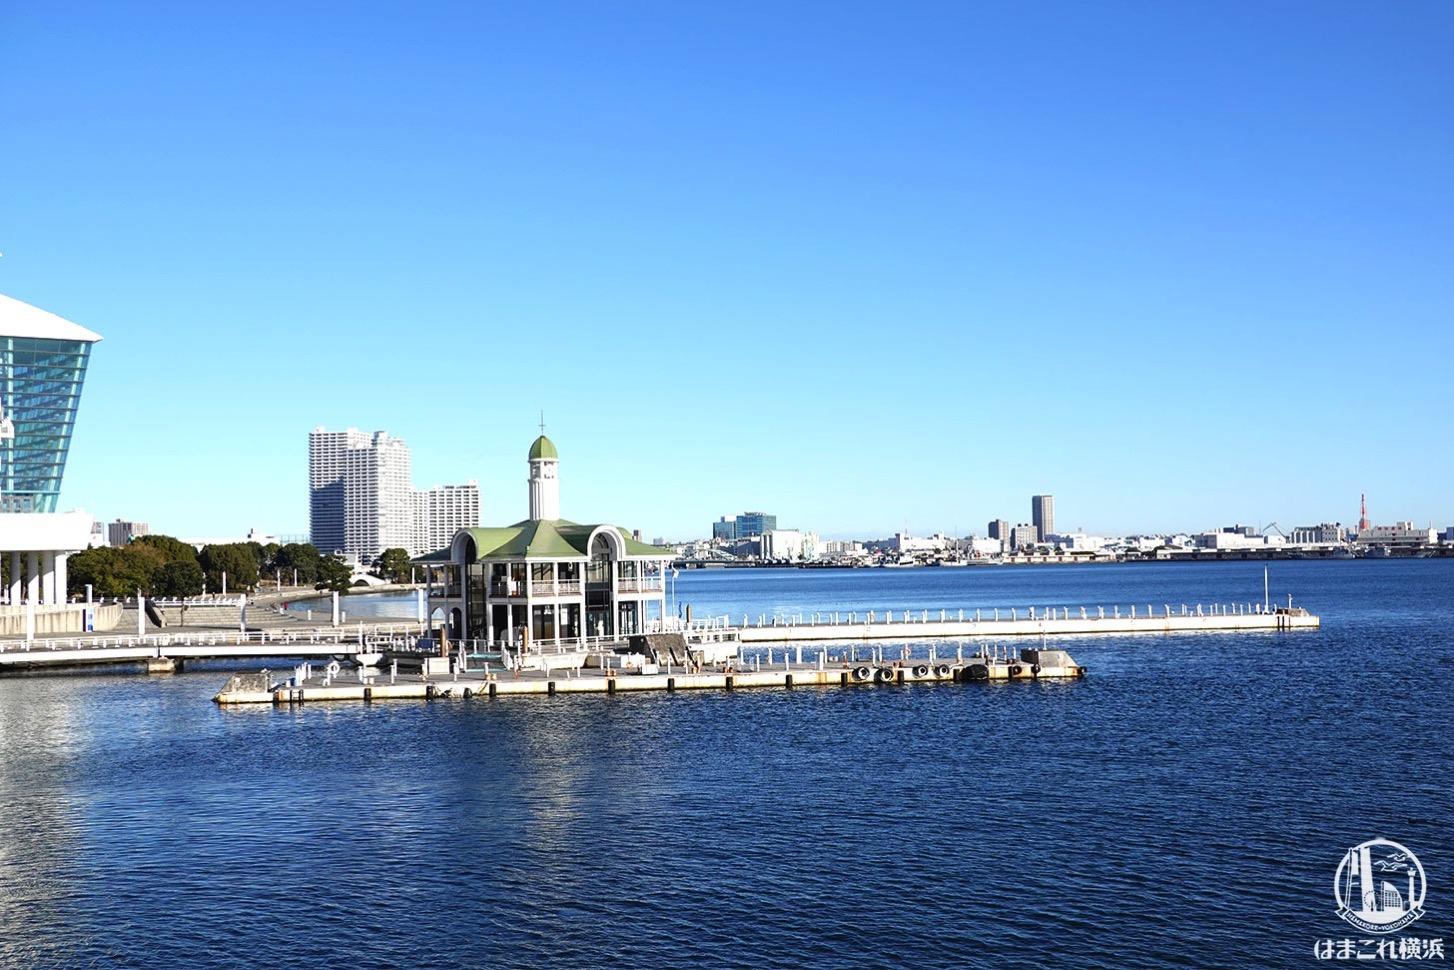 女神橋から見た ぷかり桟橋